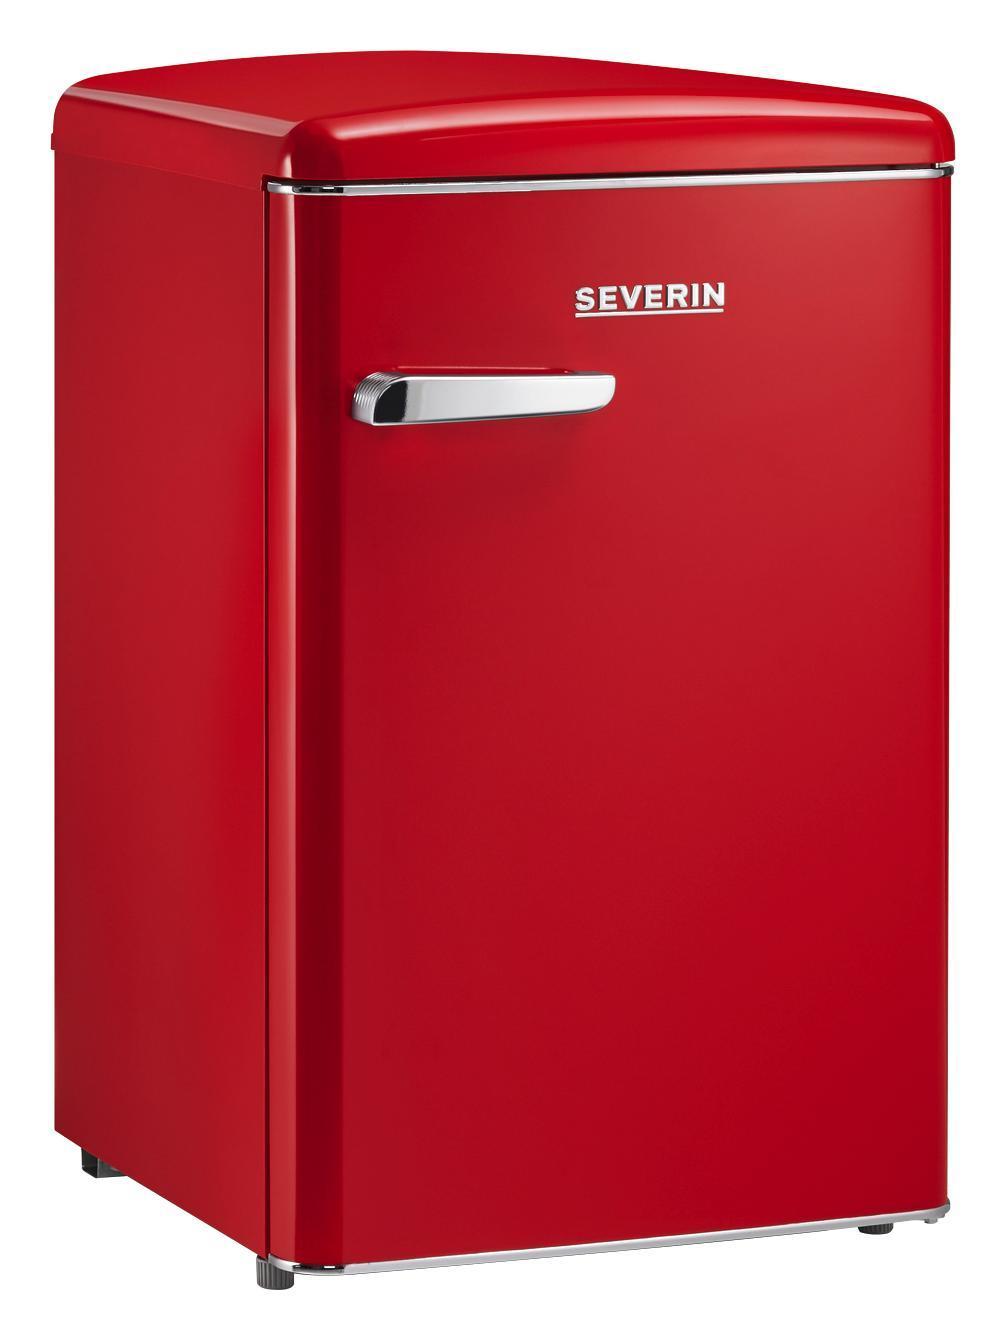 Mini Kühlschrank Mit Eisspender : Minikühlschrank im retro look mit gefrierfach